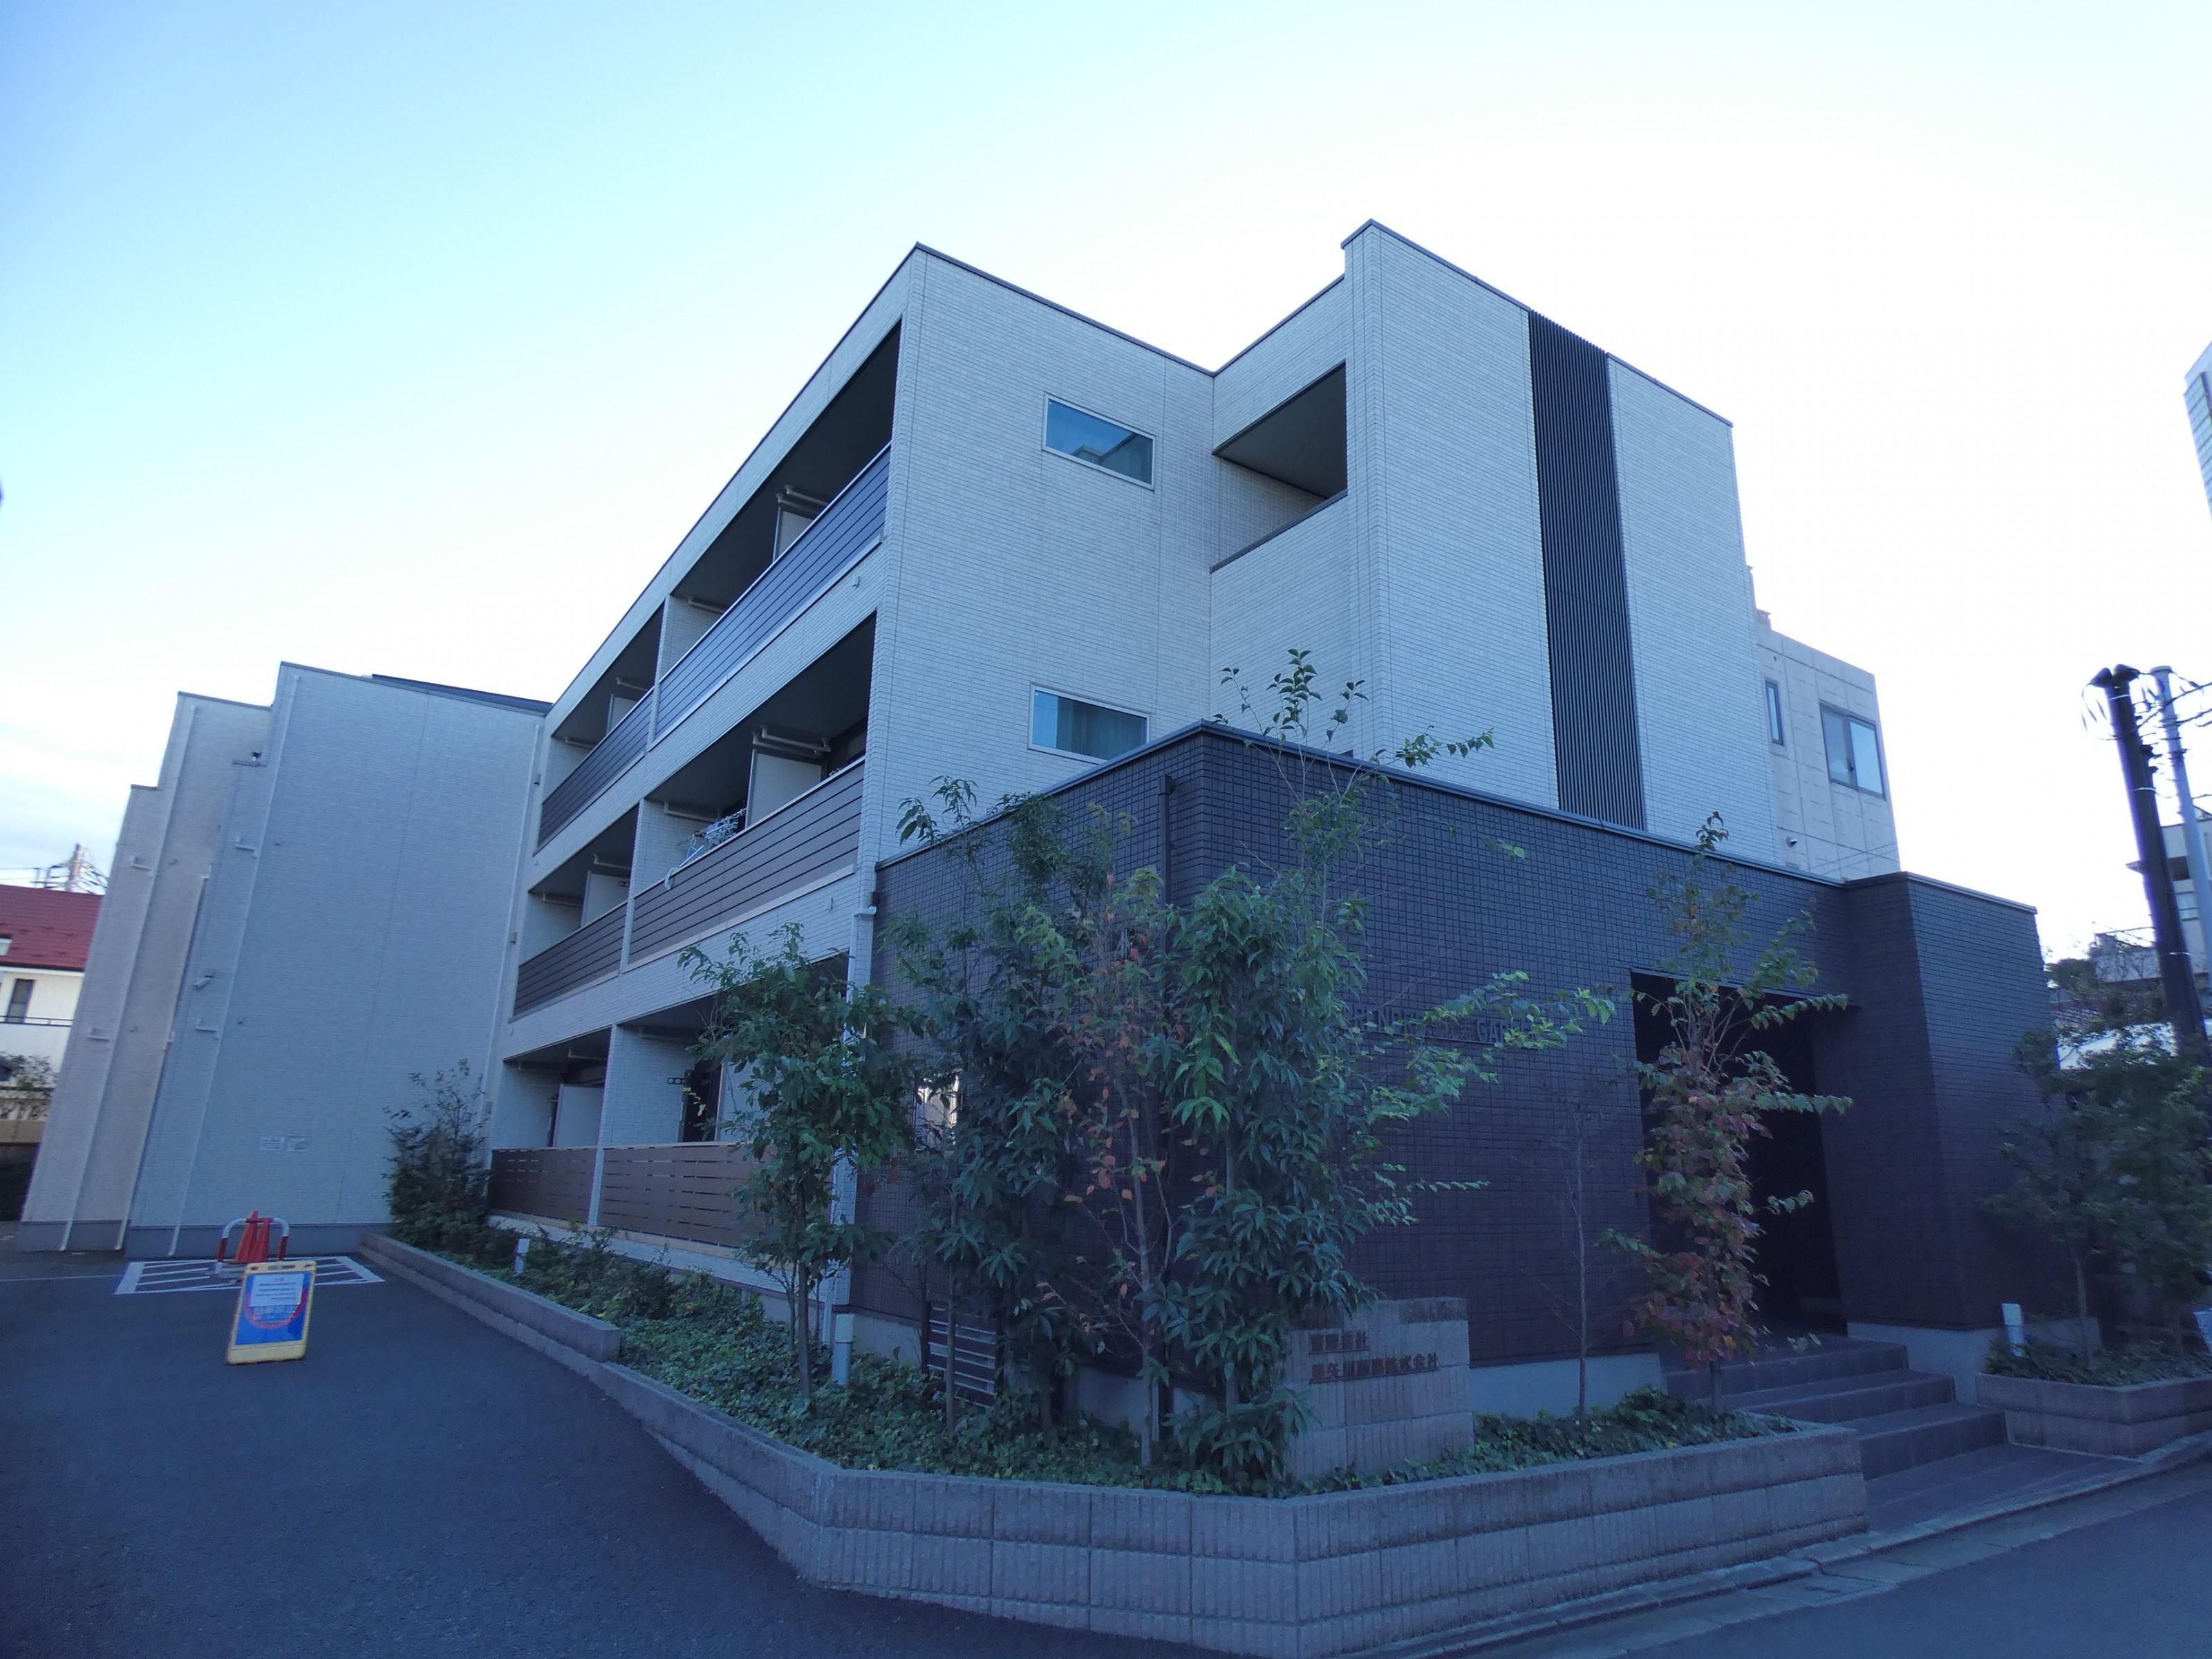 プランドール恵比寿ガーデンの建物写真メイン1